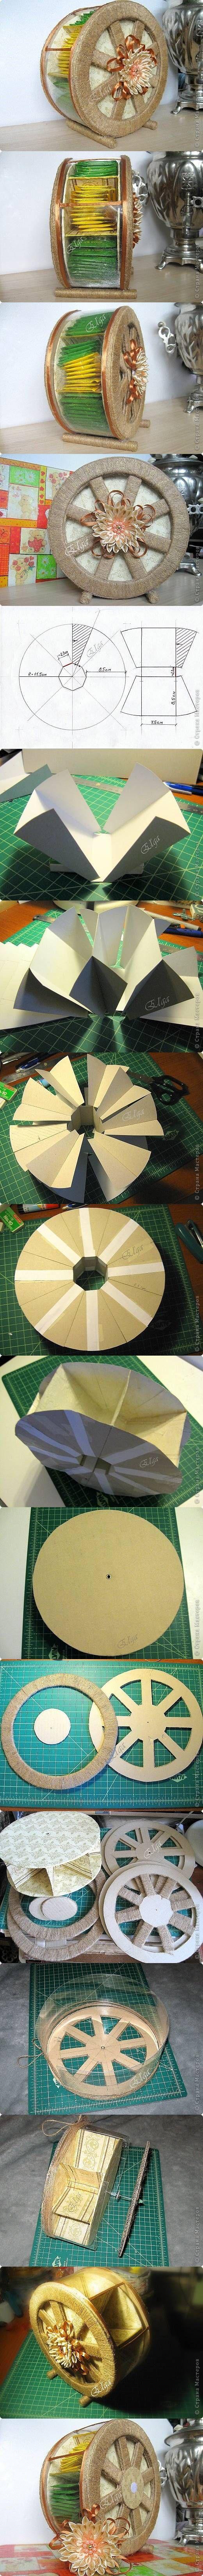 DIY Handmade Tea Wheel